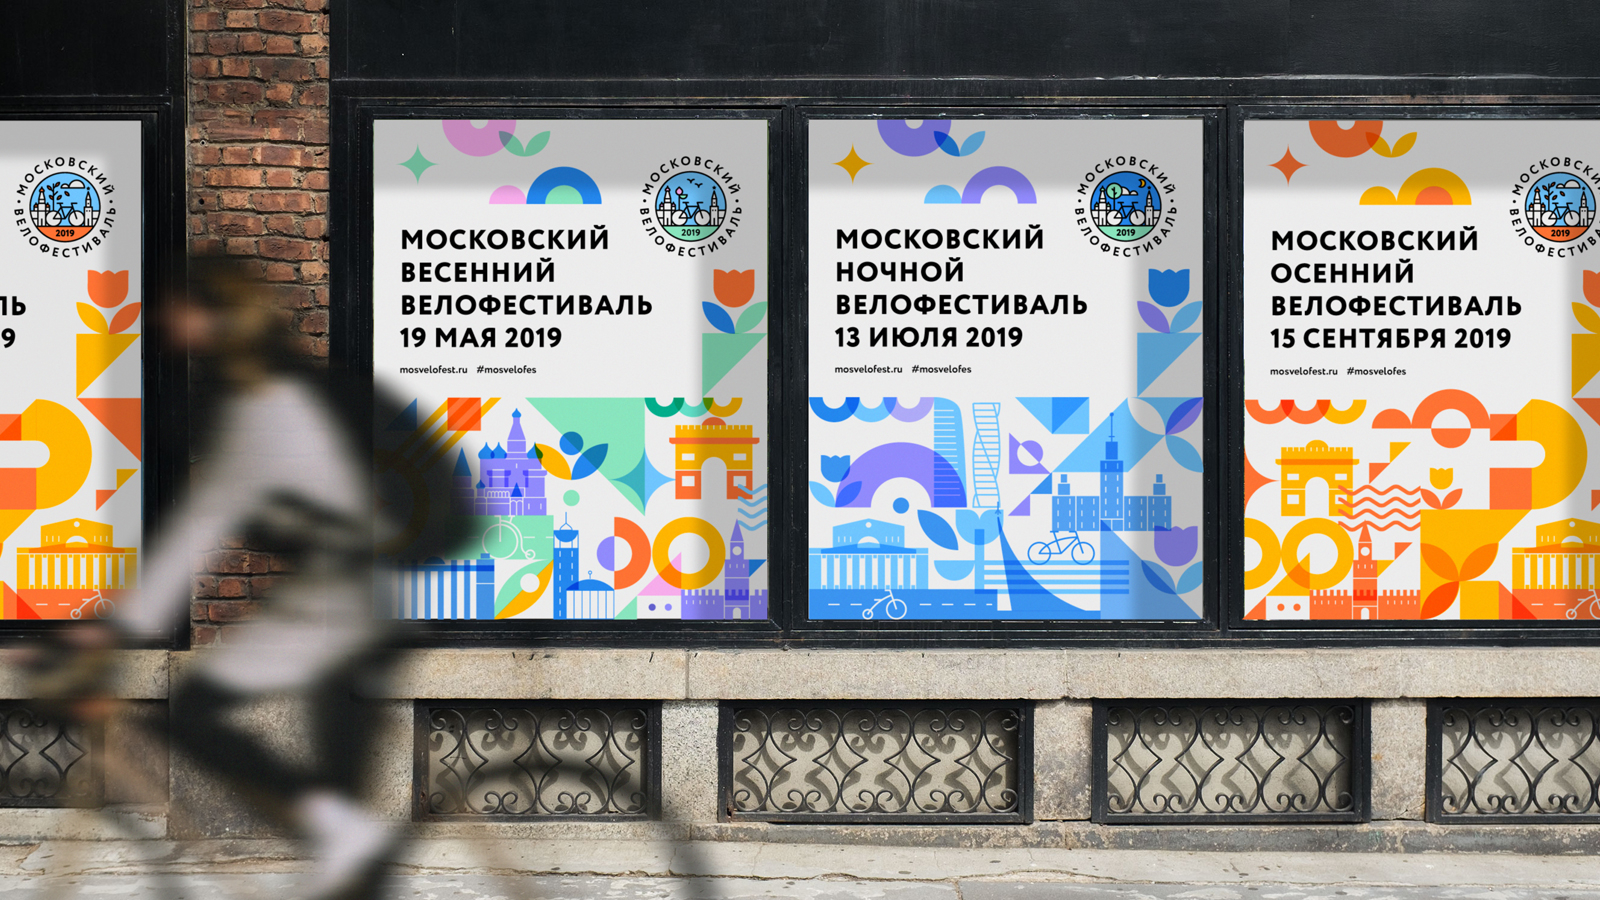 Яркий фирменный стиль Московского велофестиваля никого не оставит равнодушным к столь масштабному событию в городе.